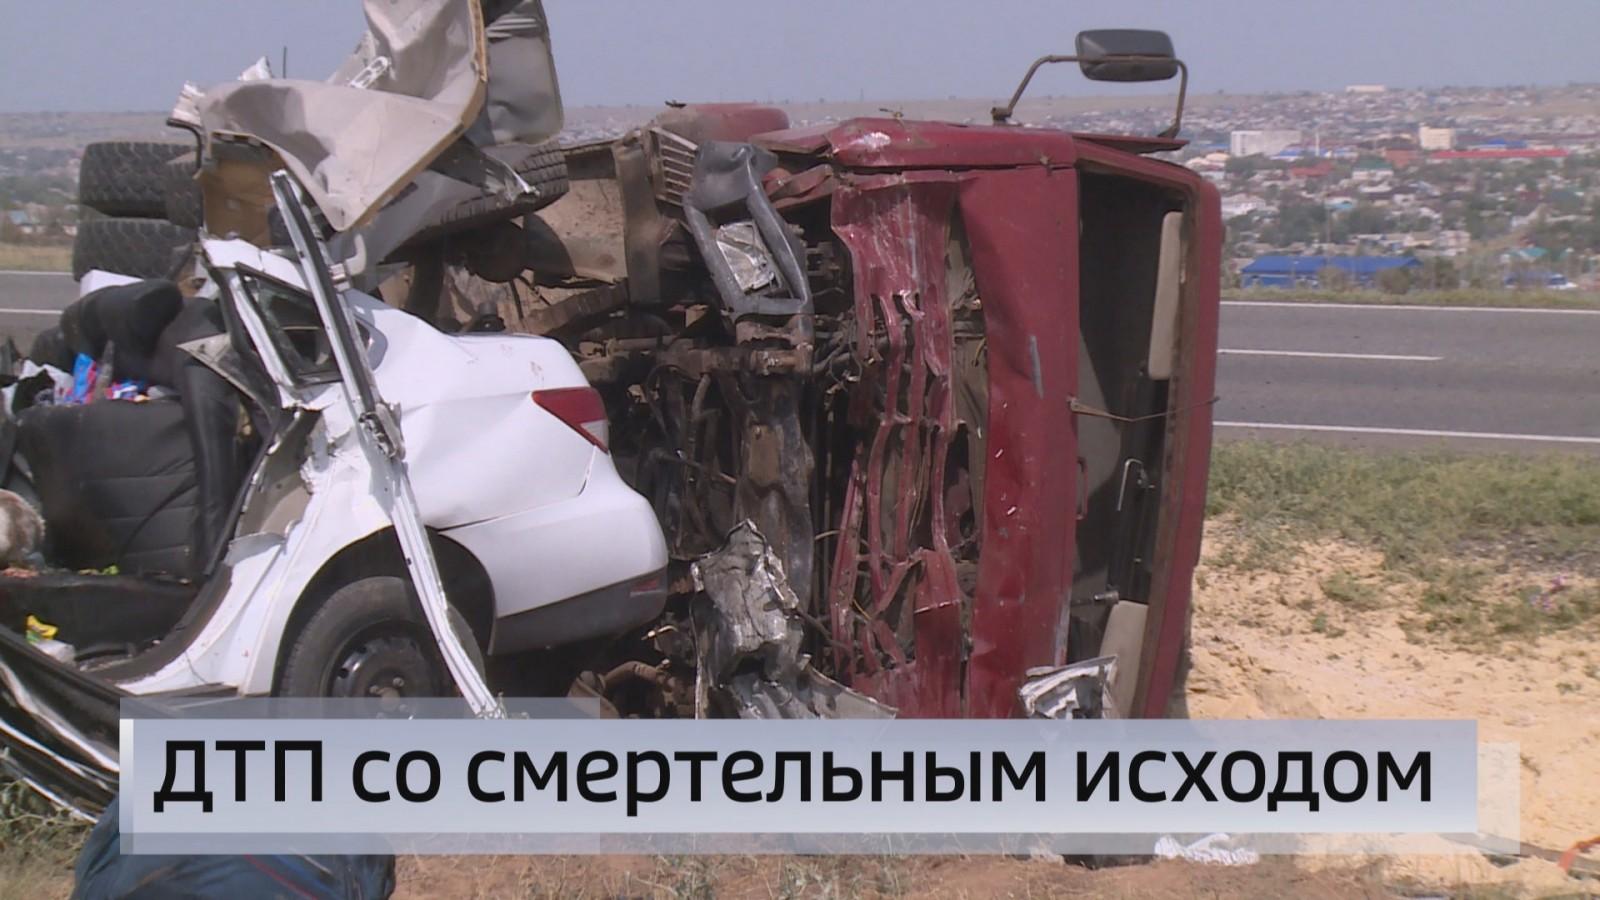 Страшная автоавария в южной части Элисты унесла жизни пяти человек